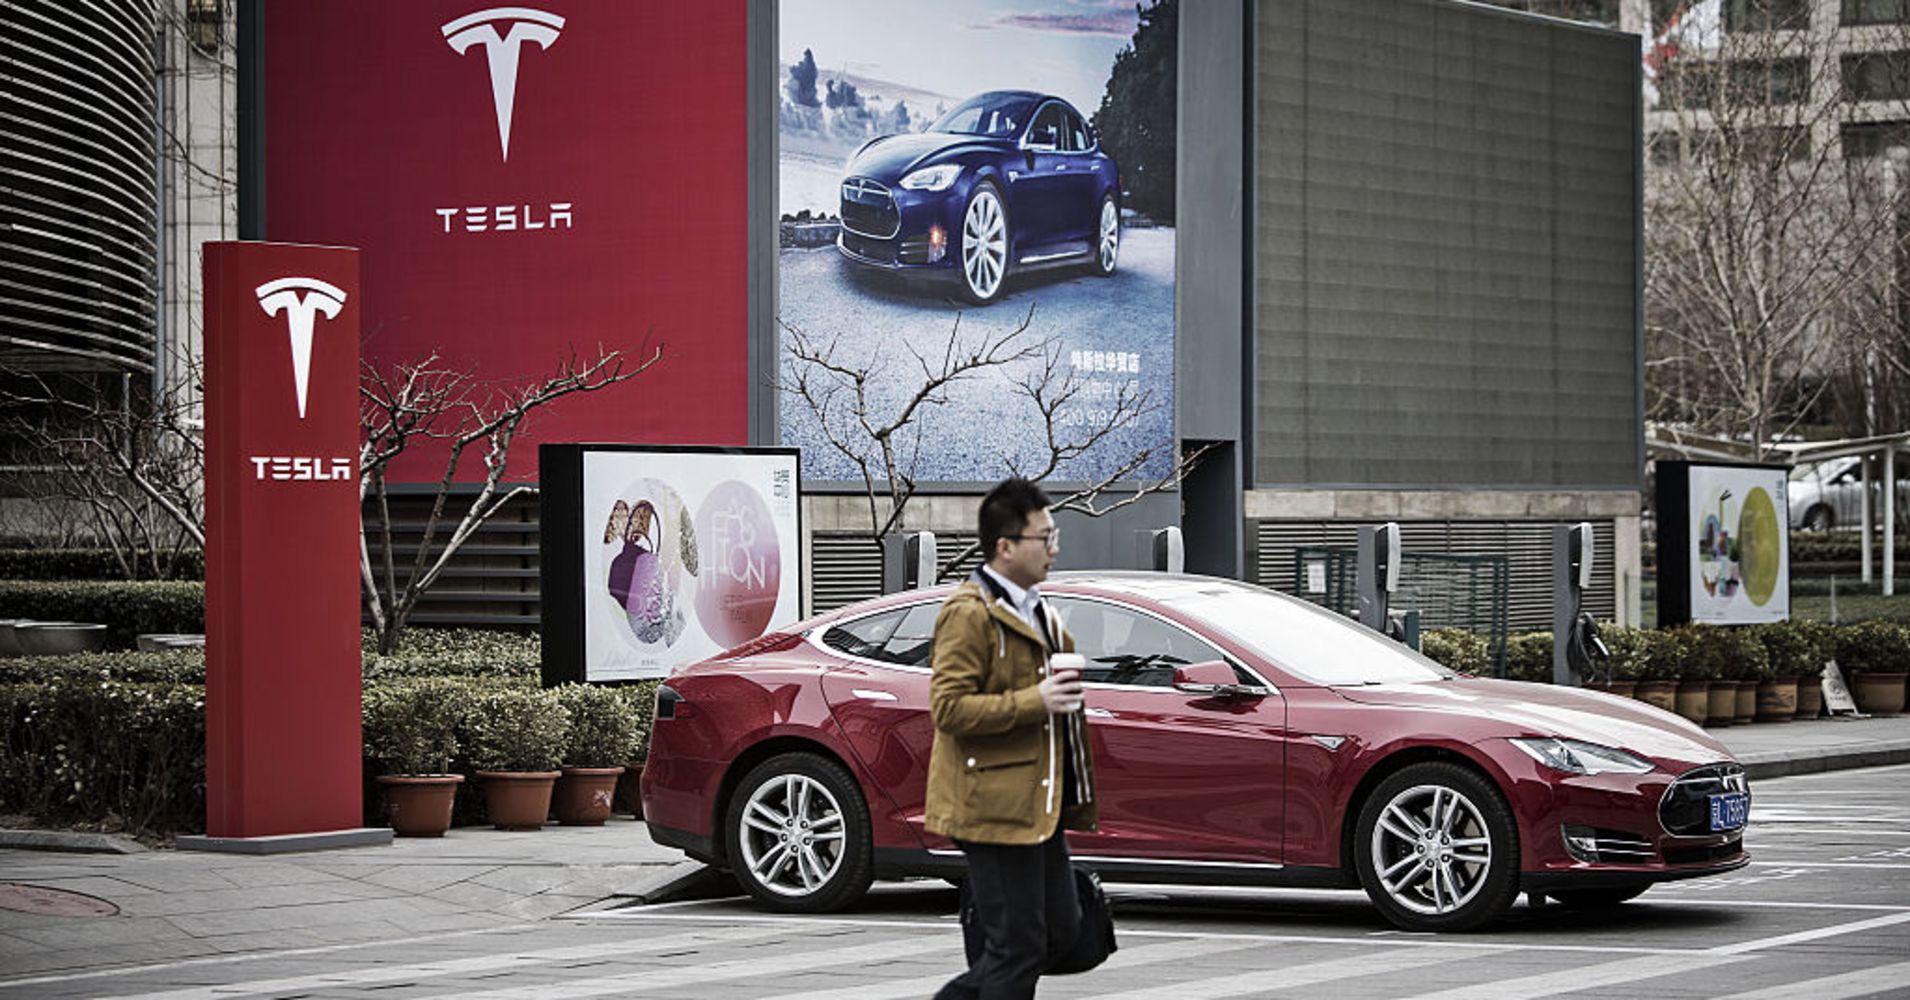 """Ô tô Trung Quốc, từ """"siêu nhái"""" đến tham vọng thống trị thế giới - Ảnh 5."""